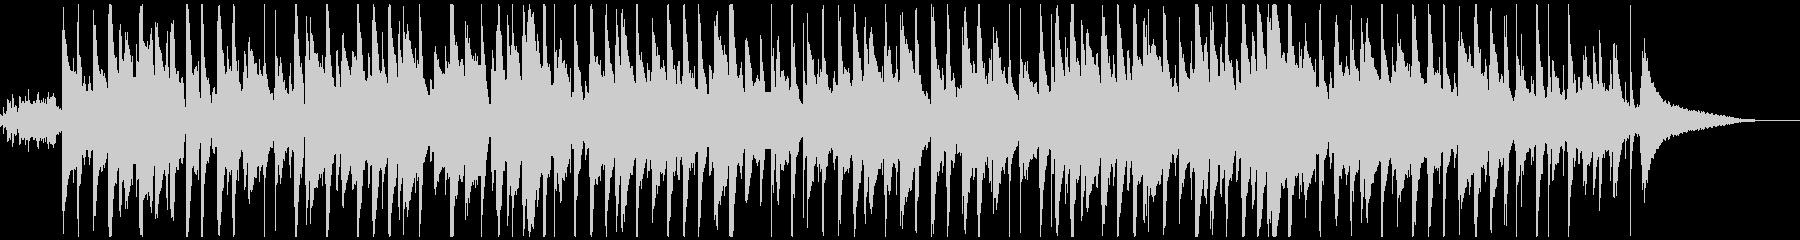 かわいい鉄琴メロの童謡「お正月」ウクレレの未再生の波形